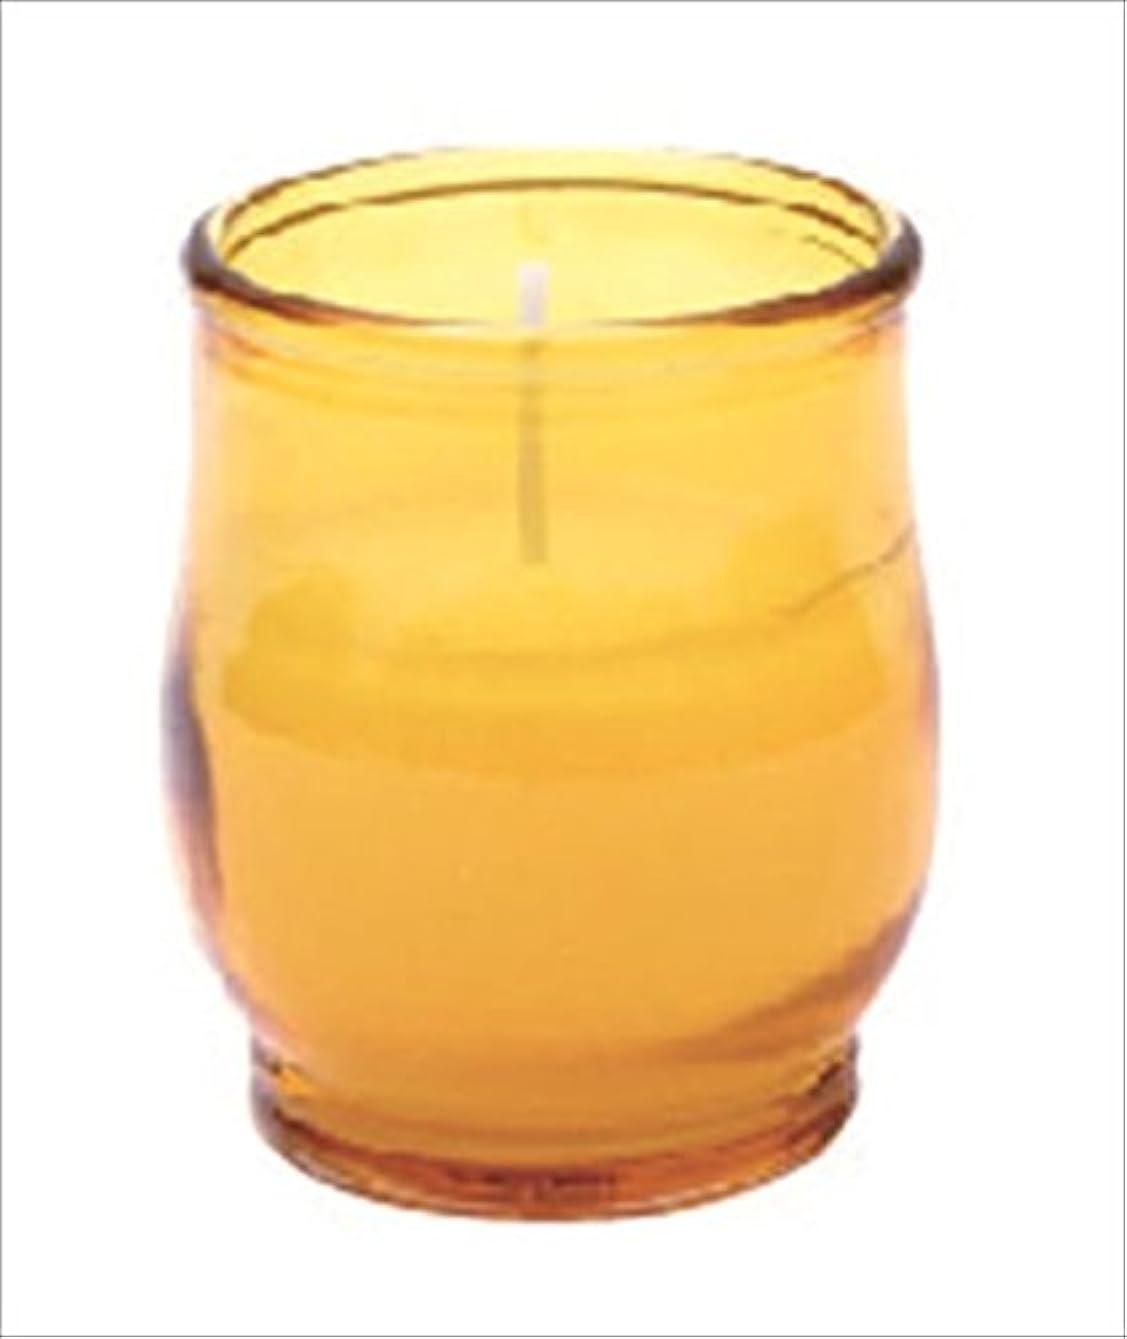 待って背骨失望kameyama candle(カメヤマキャンドル) ポシェ 「 アンバー 」 キャンドル 68x68x80mm (73020040AM)